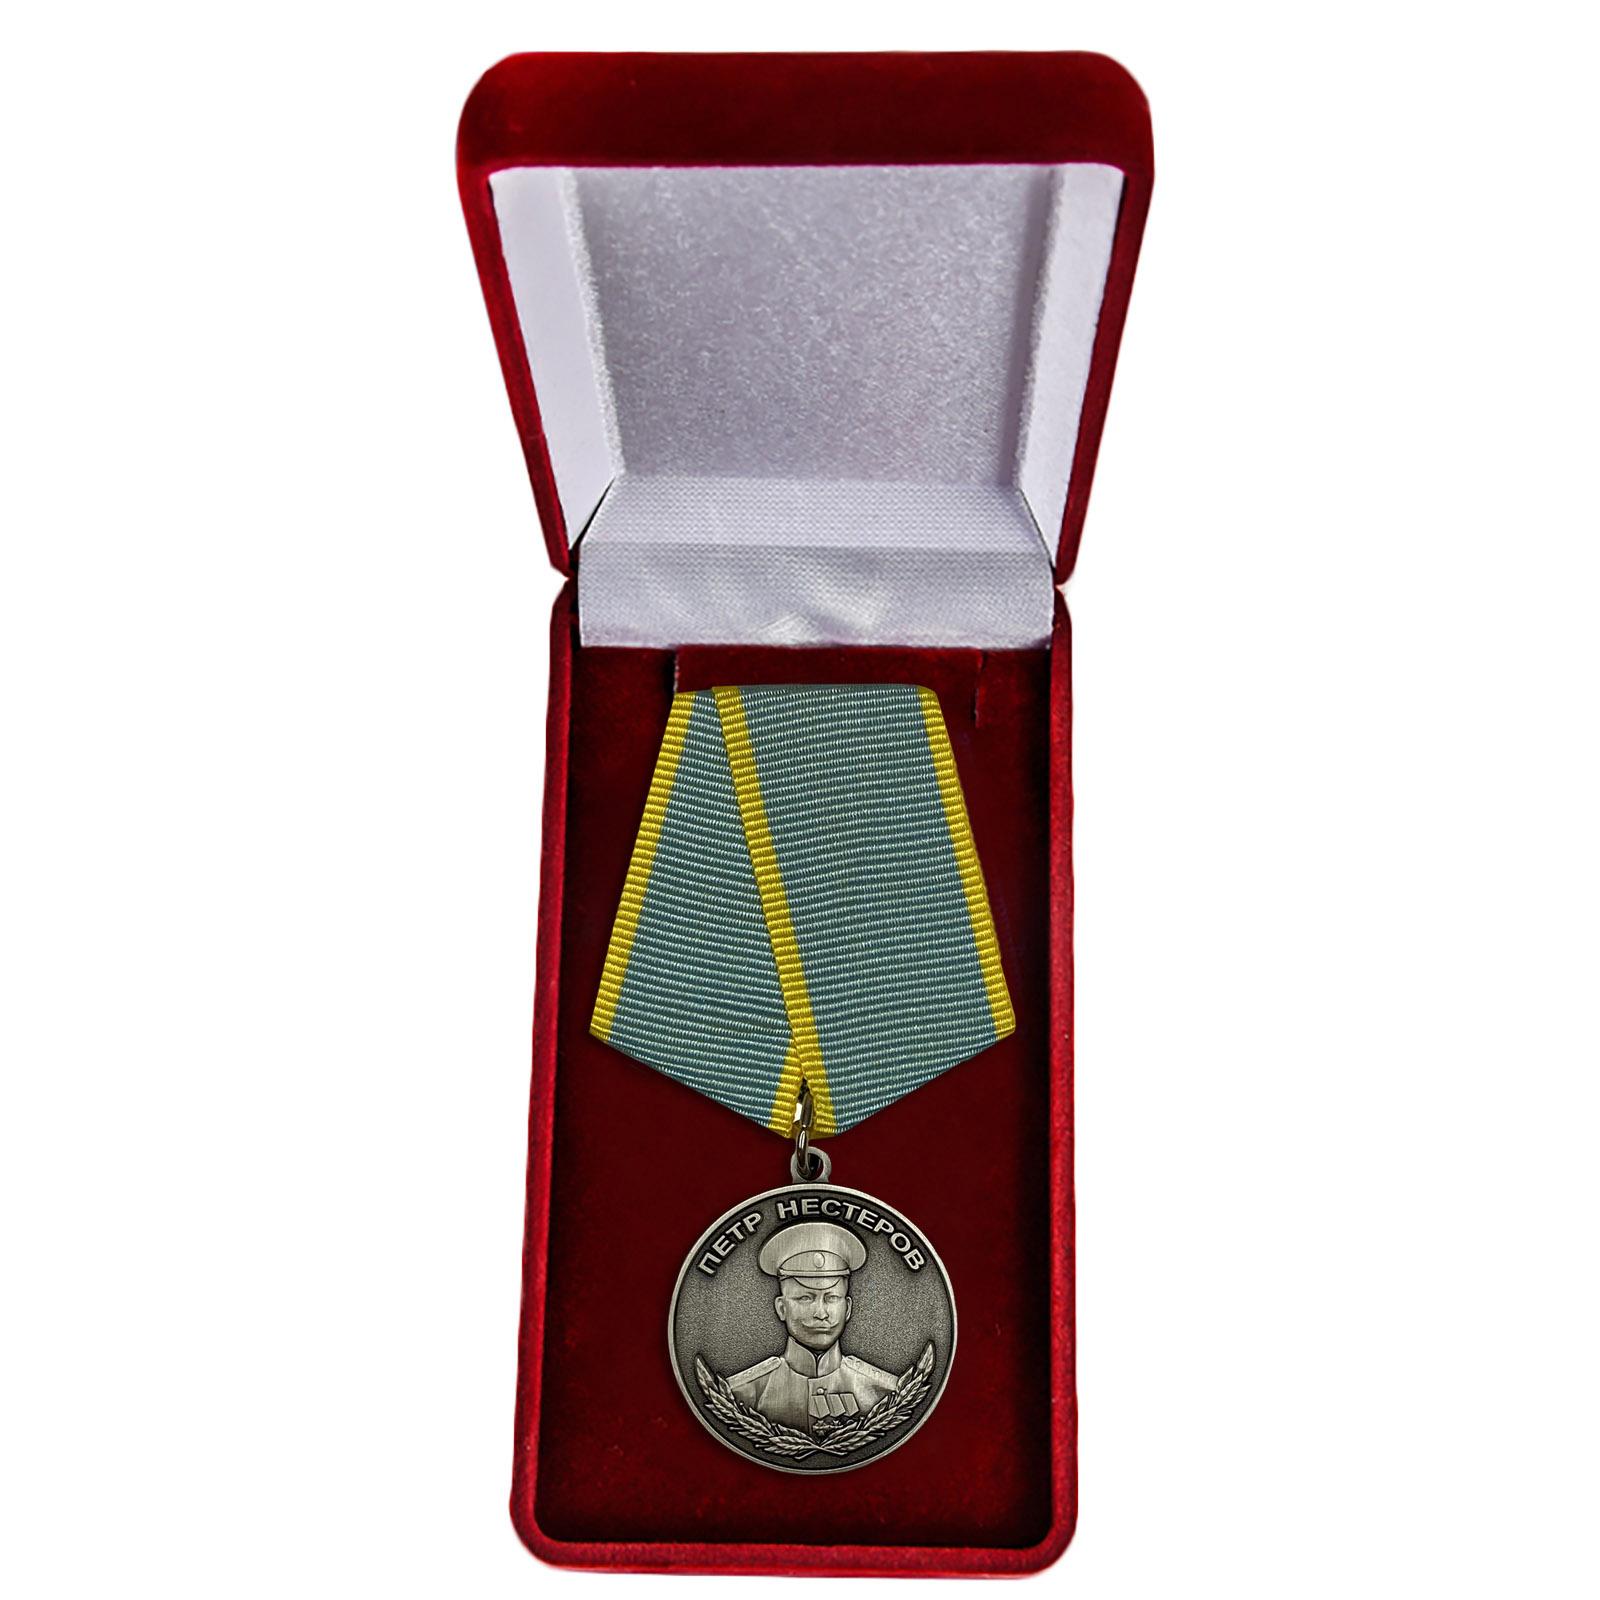 Памятная медаль Нестерова - в футляре